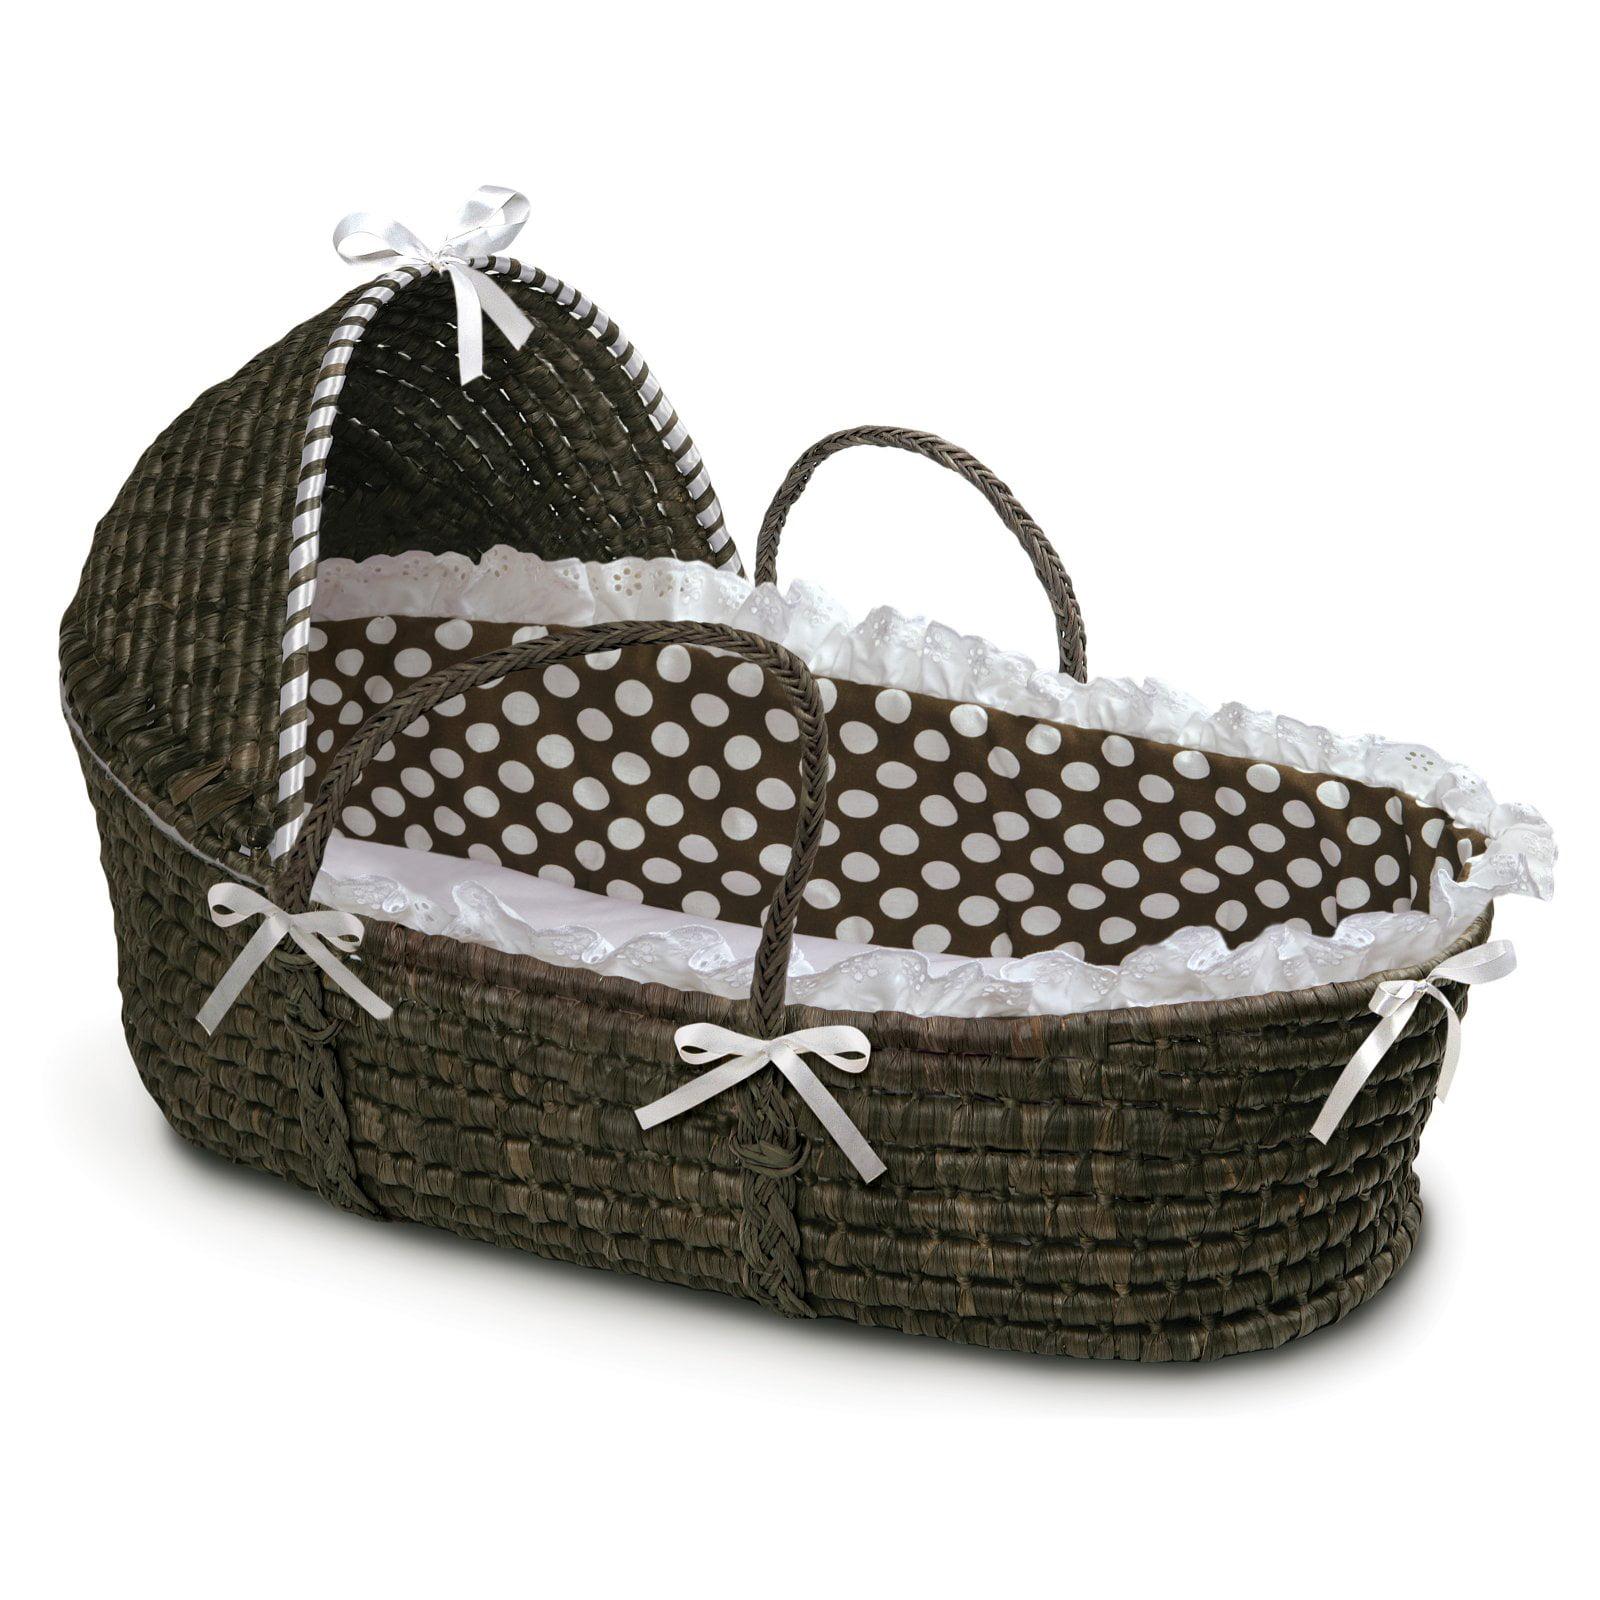 Badger Basket - Espresso Moses Basket with Hood and Brown Polka Dot Bedding